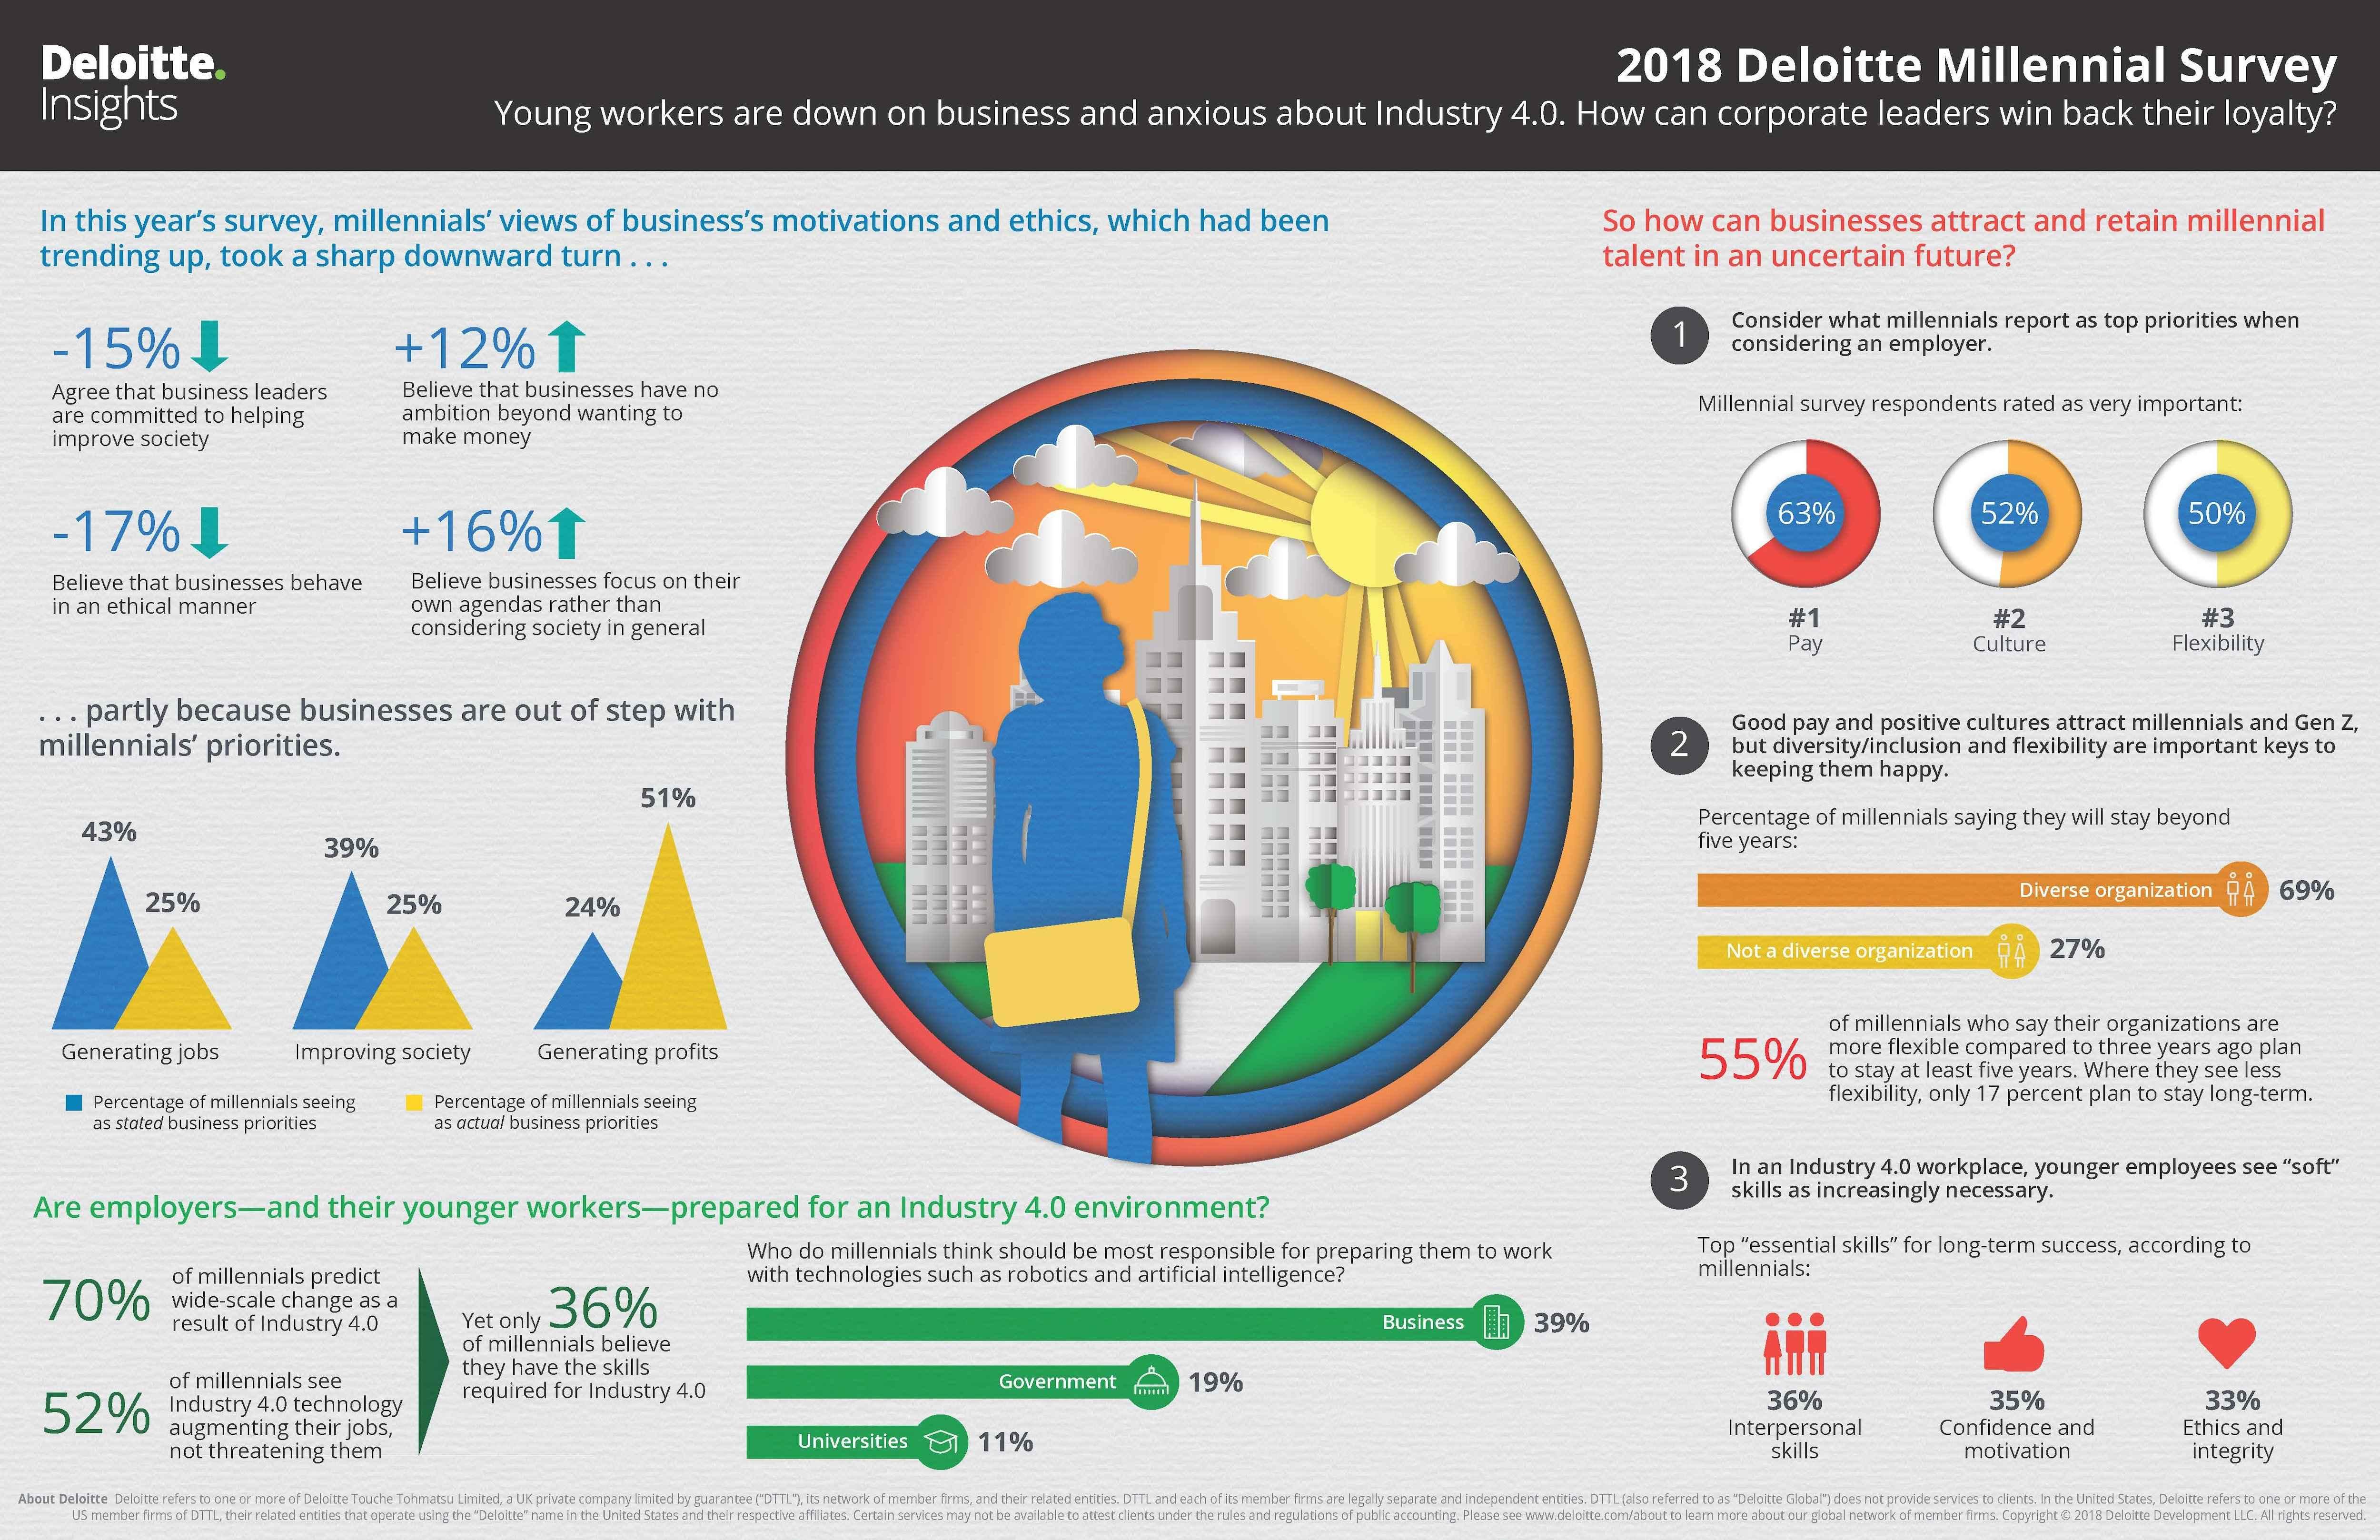 viziunea tinerilor asupra mediului de afaceri